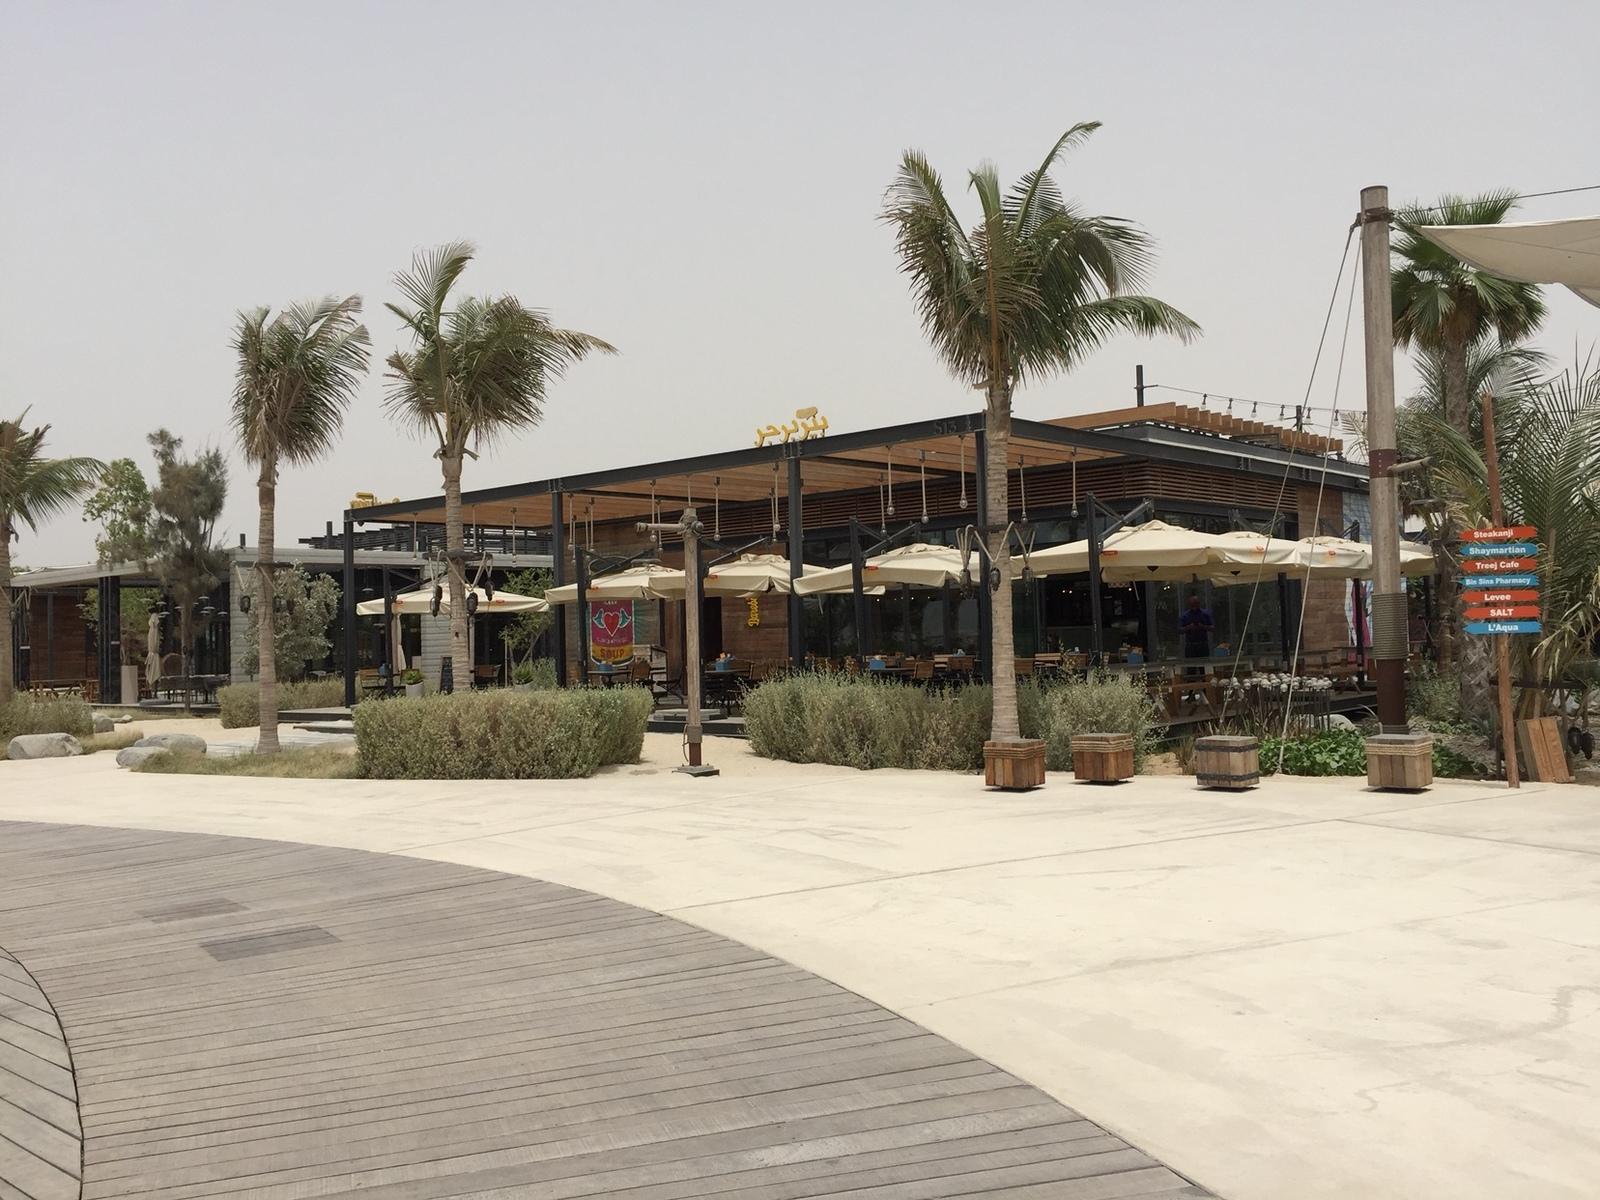 661613 المسافرون العرب دبي مدينة الجميرا